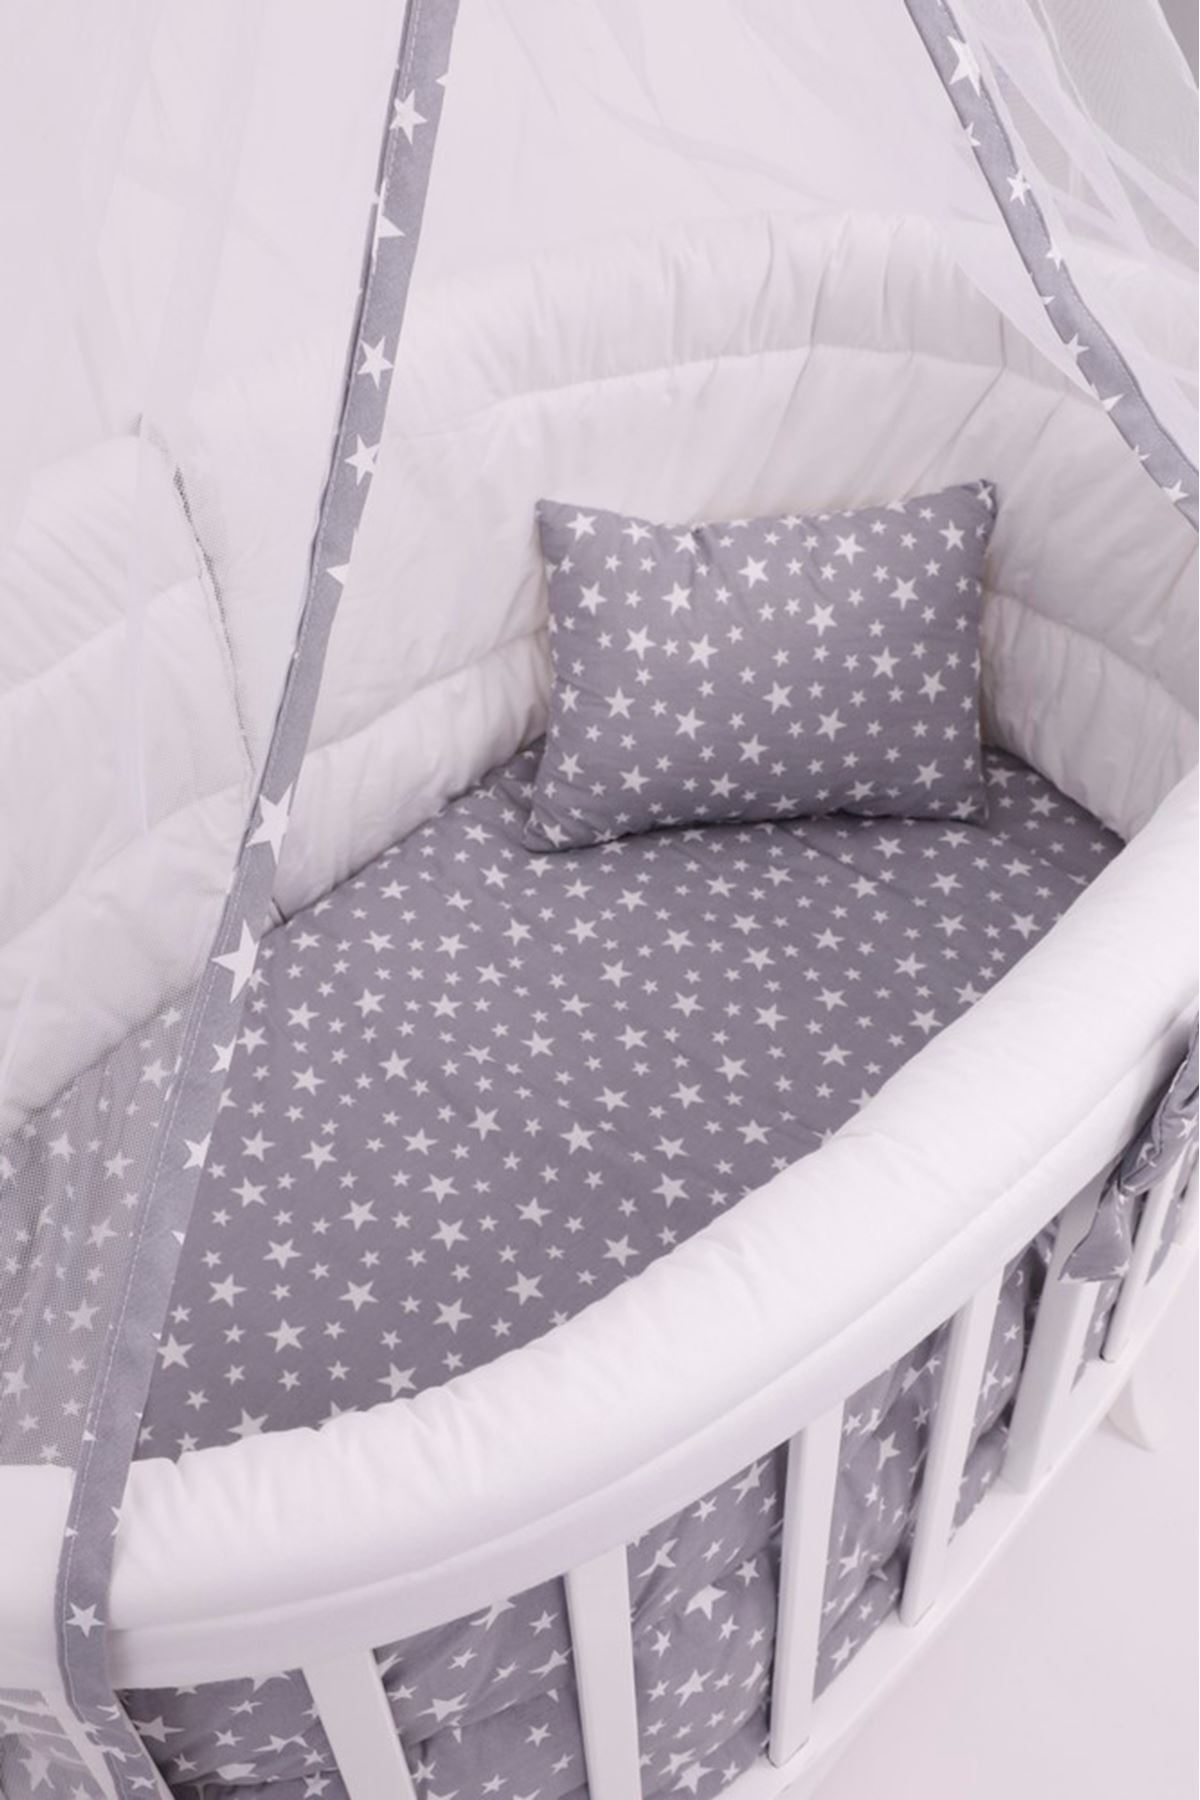 """Amedan Beyaz Sepet Beşik """"Gri Yıldızlı Uyku Seti"""" ile"""